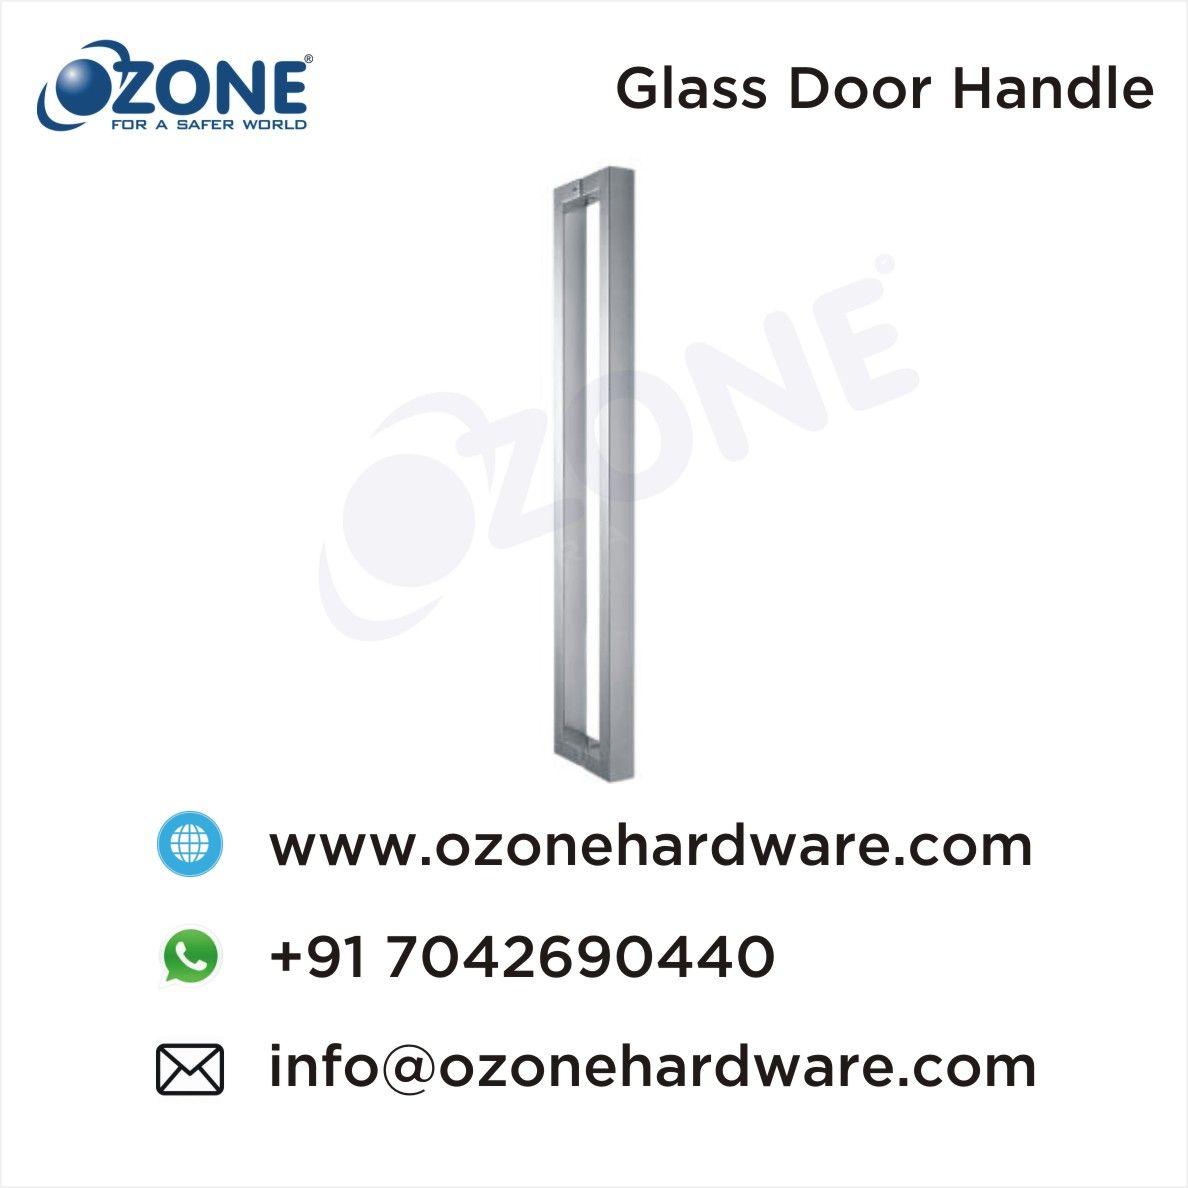 Glass Door Handle Glass Door Handles Locks Hinges Pull Handle With Back To Back Installation On Glass Wooden Metals Doo Door Handles Glass Door Metal Door